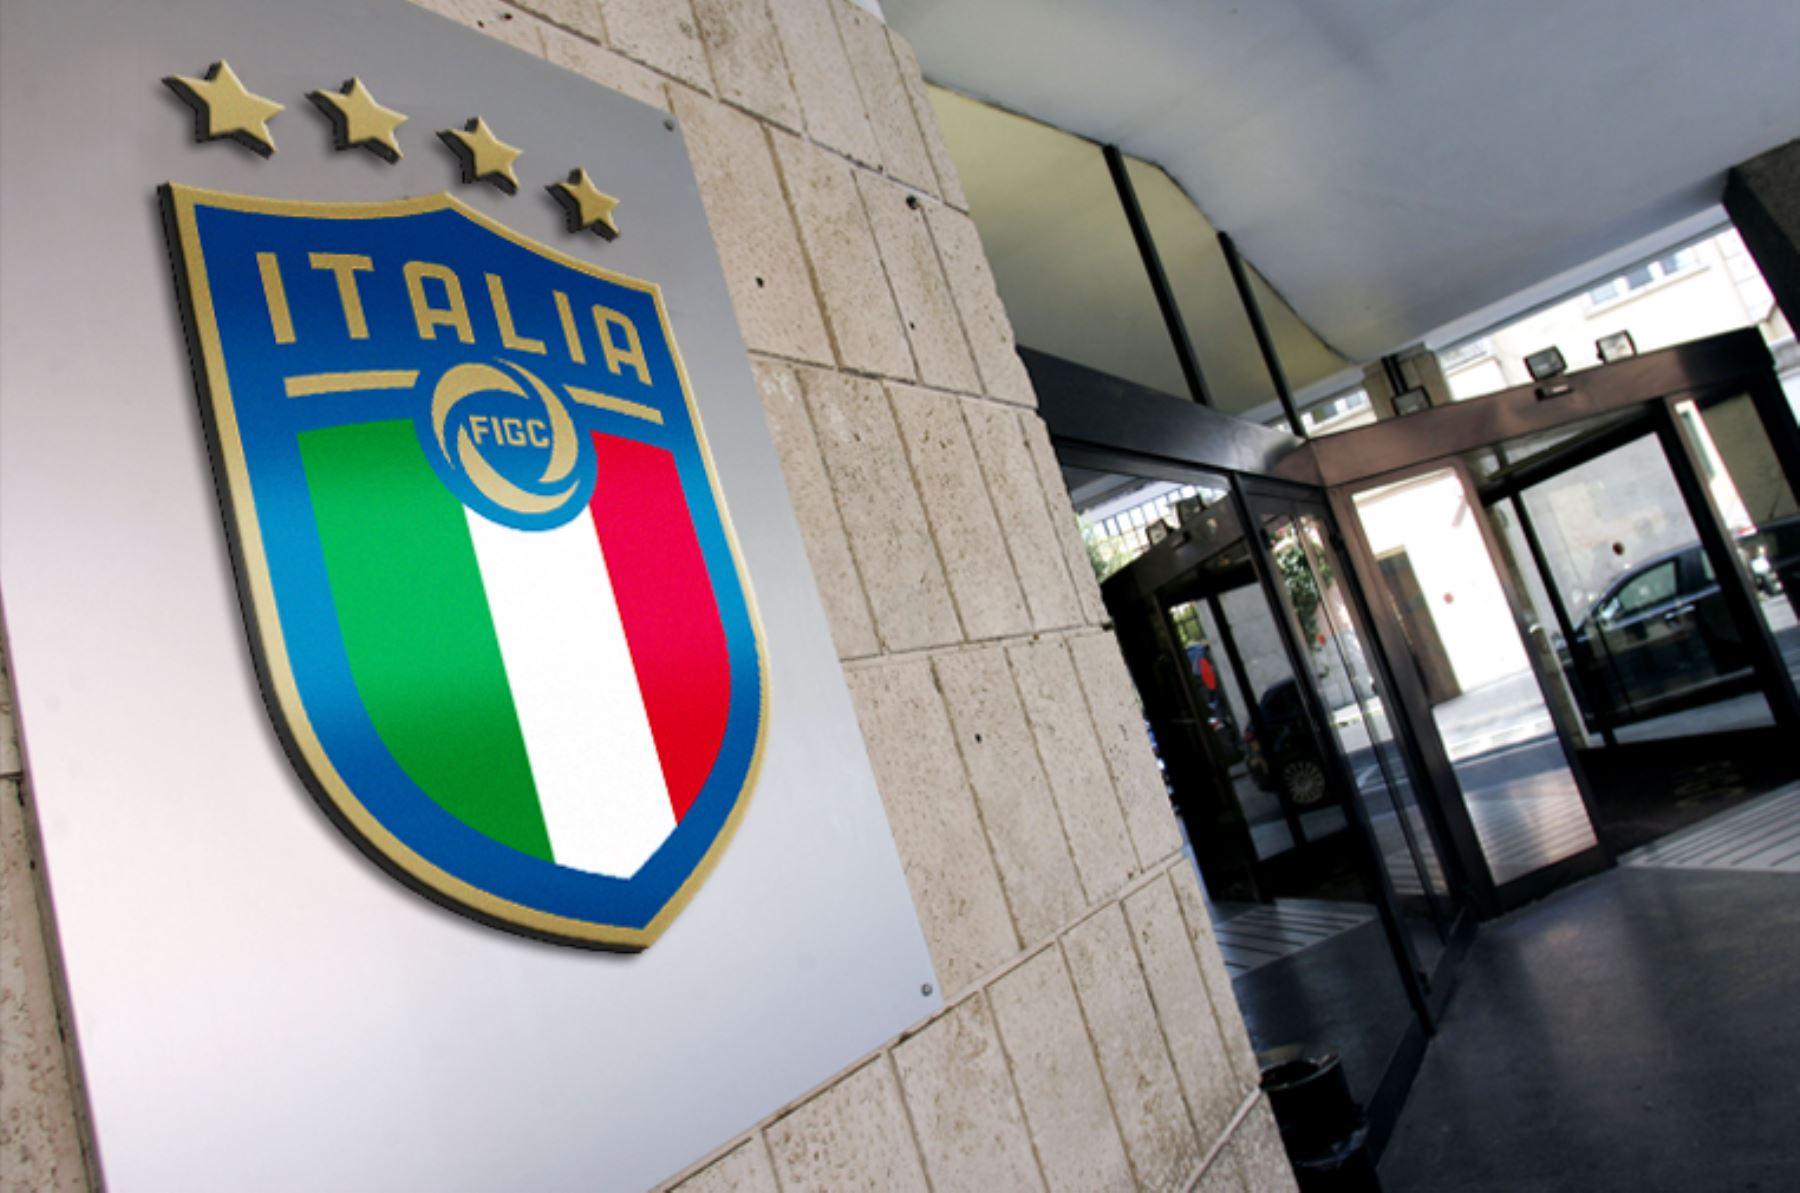 La Federación Italiana de Fútbol (FIGC) anunció  que su centro de entrenamiento de Coverciano, cerca de Florencia, quedará a disposición de las autoridades sanitarias para acoger a enfermos de coronavirus.